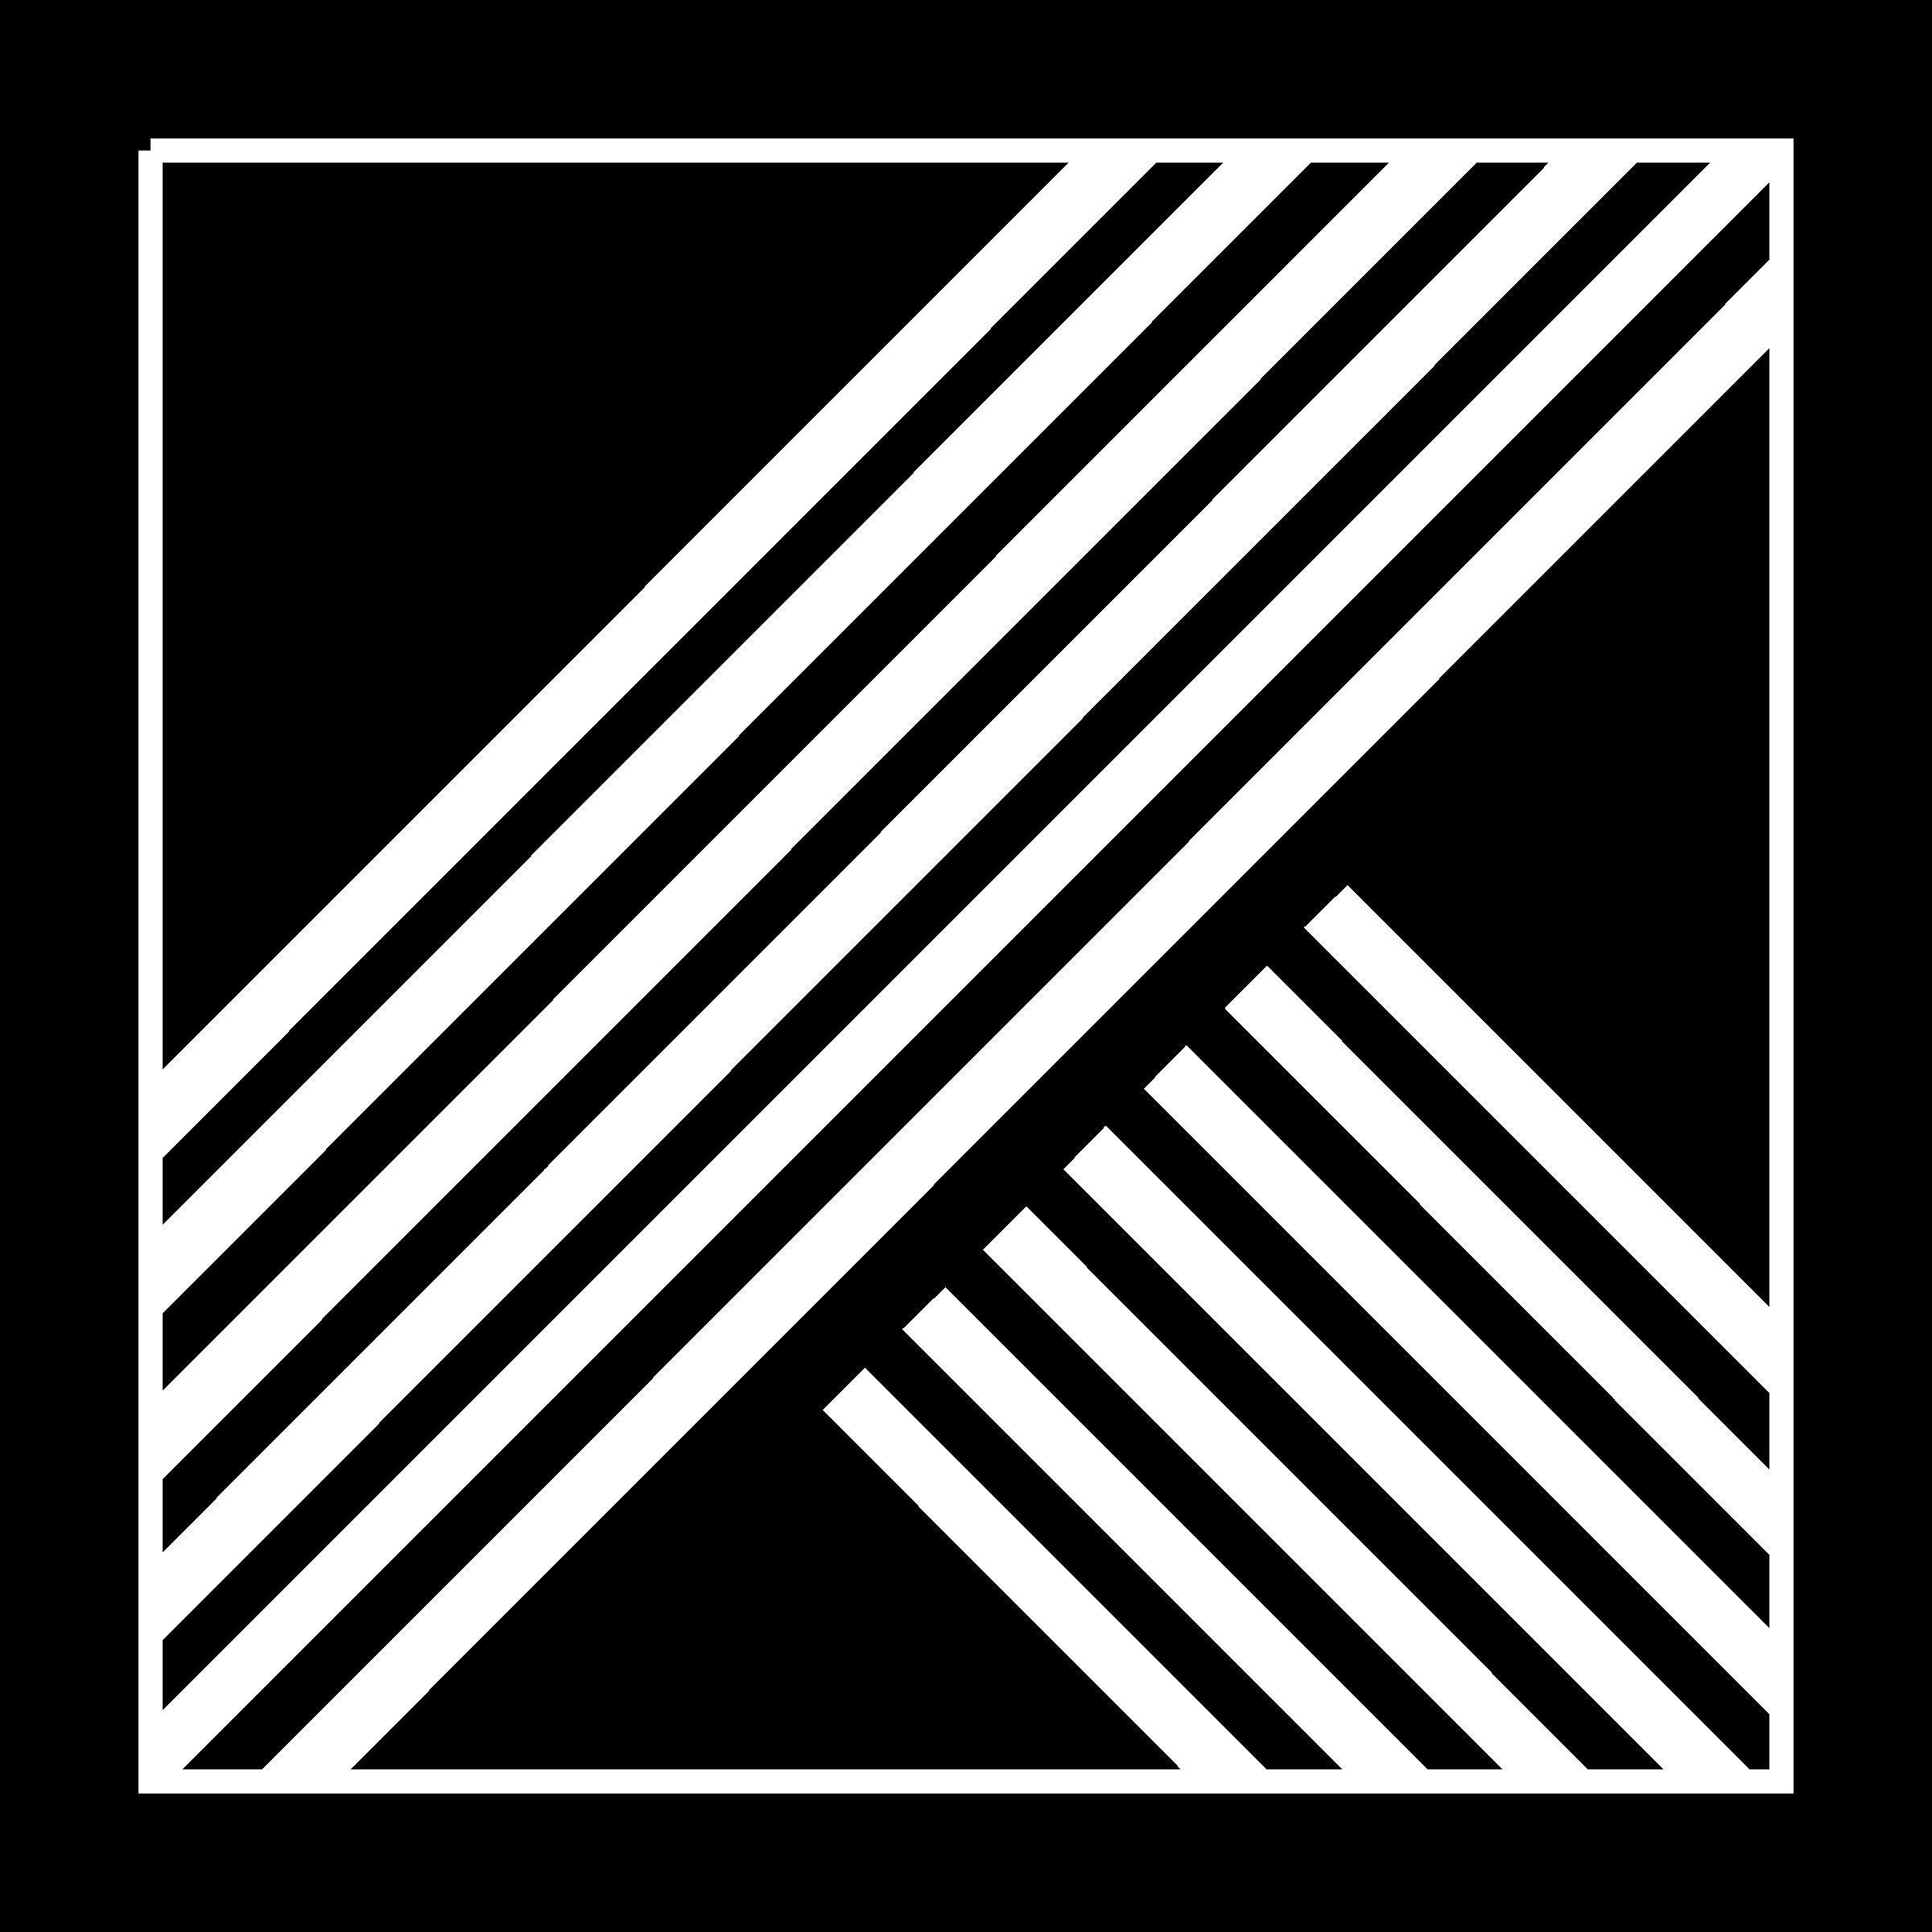 hornbach holding logo png transparent svg vector freebie supply. Black Bedroom Furniture Sets. Home Design Ideas